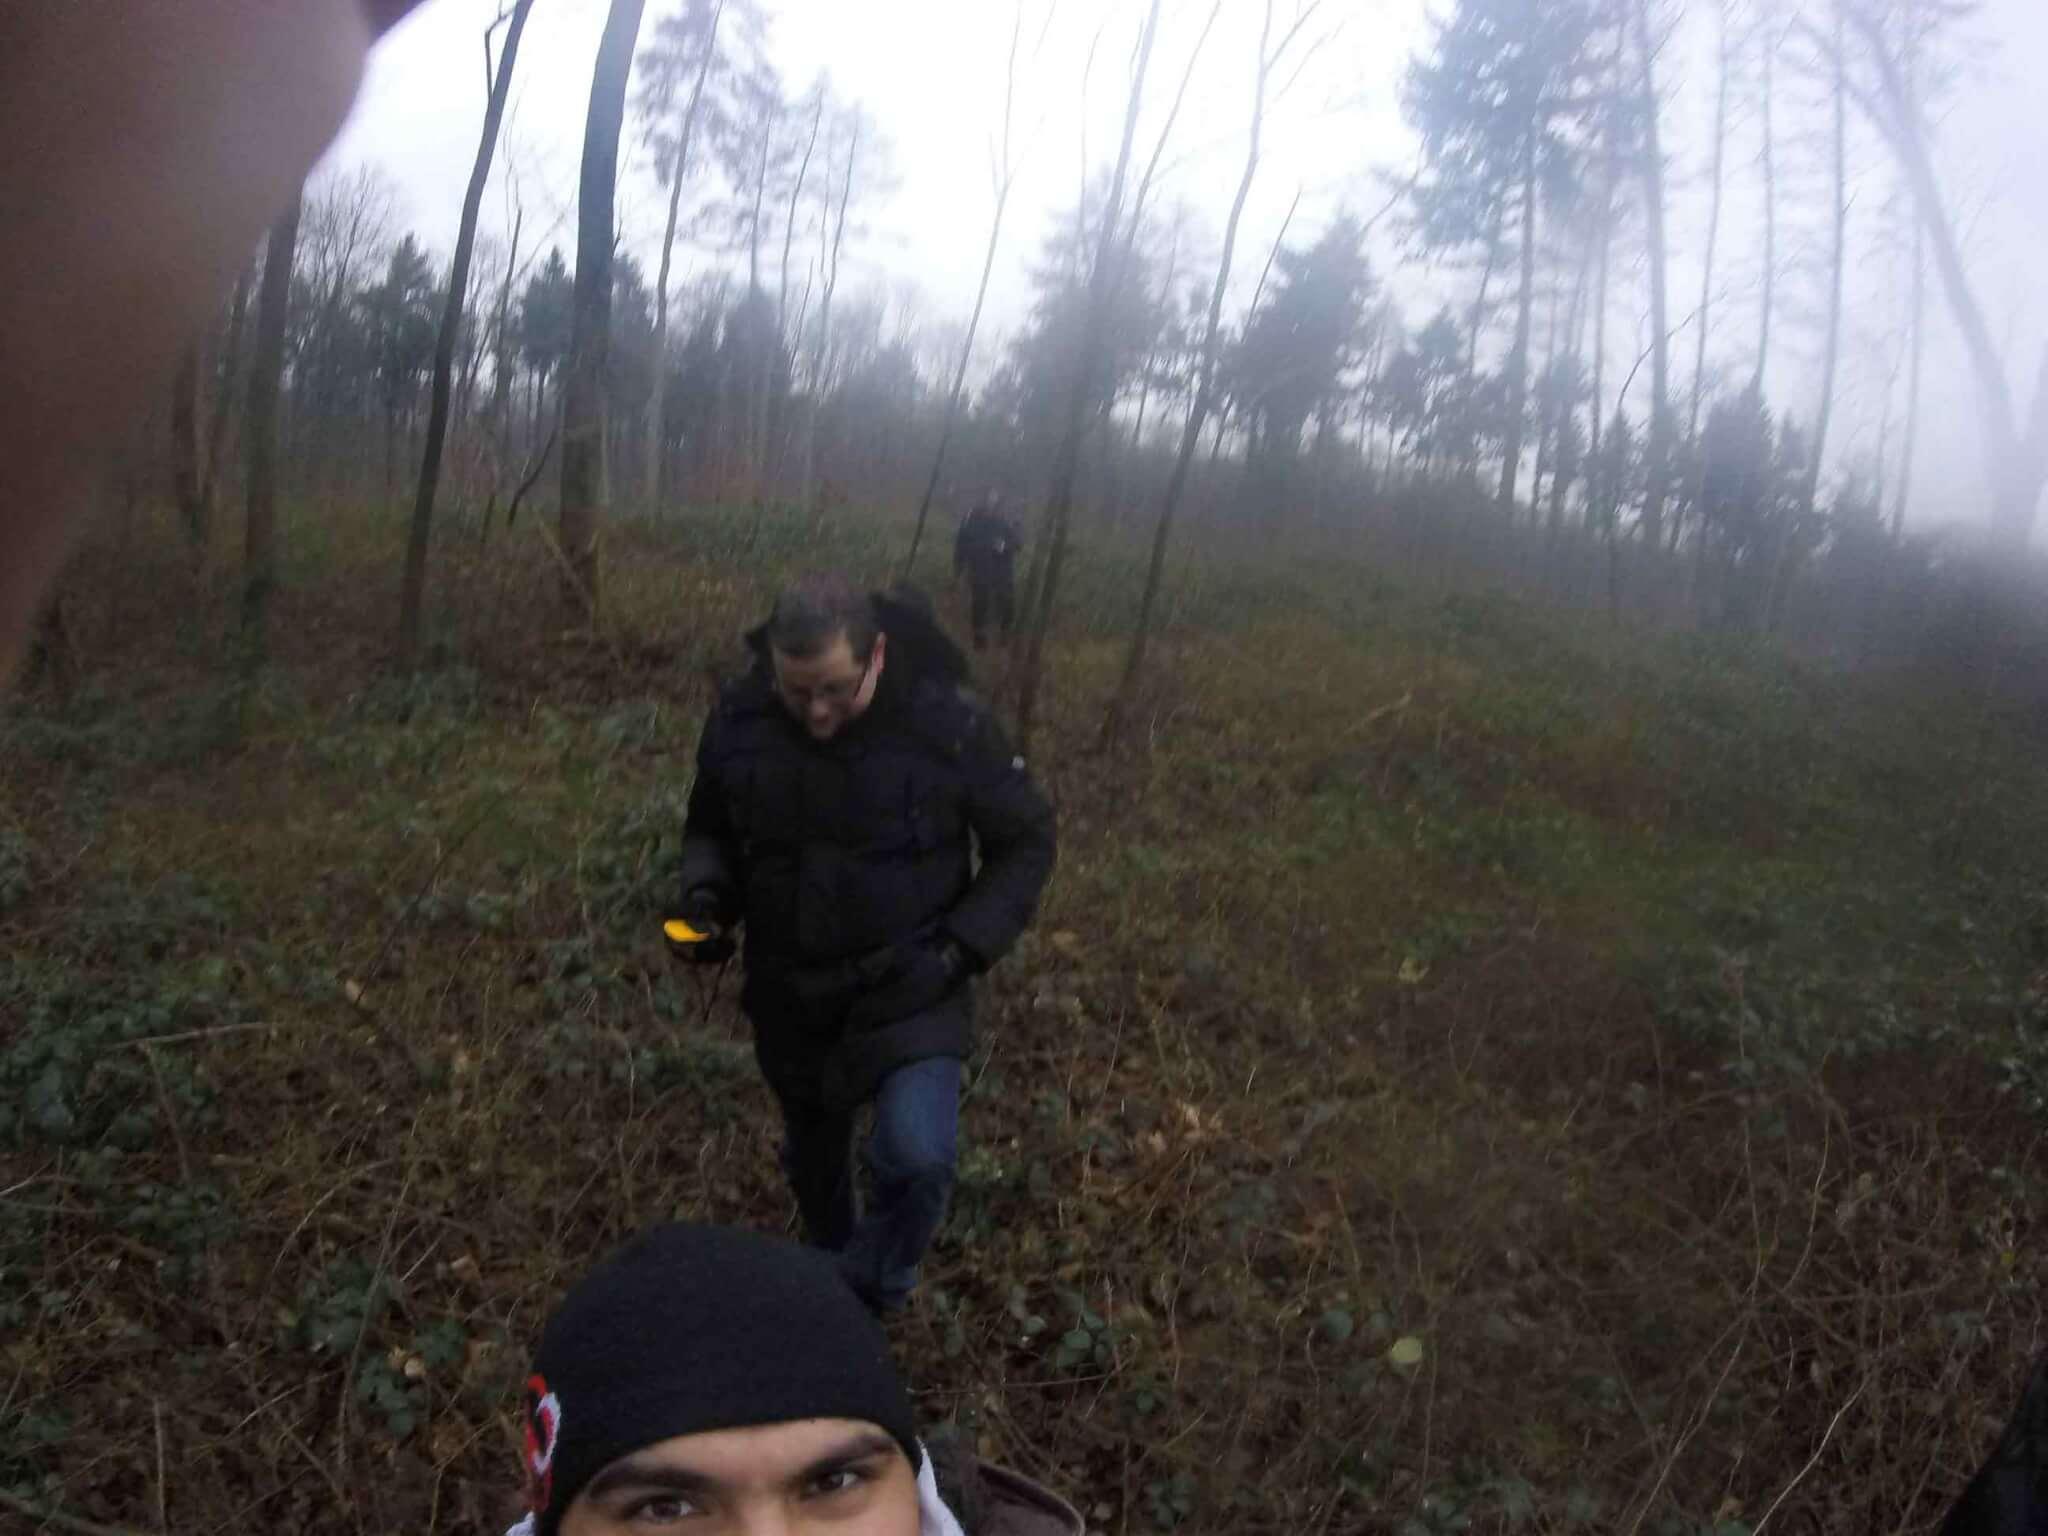 Geocacher laufen quer durch das Gebüsch